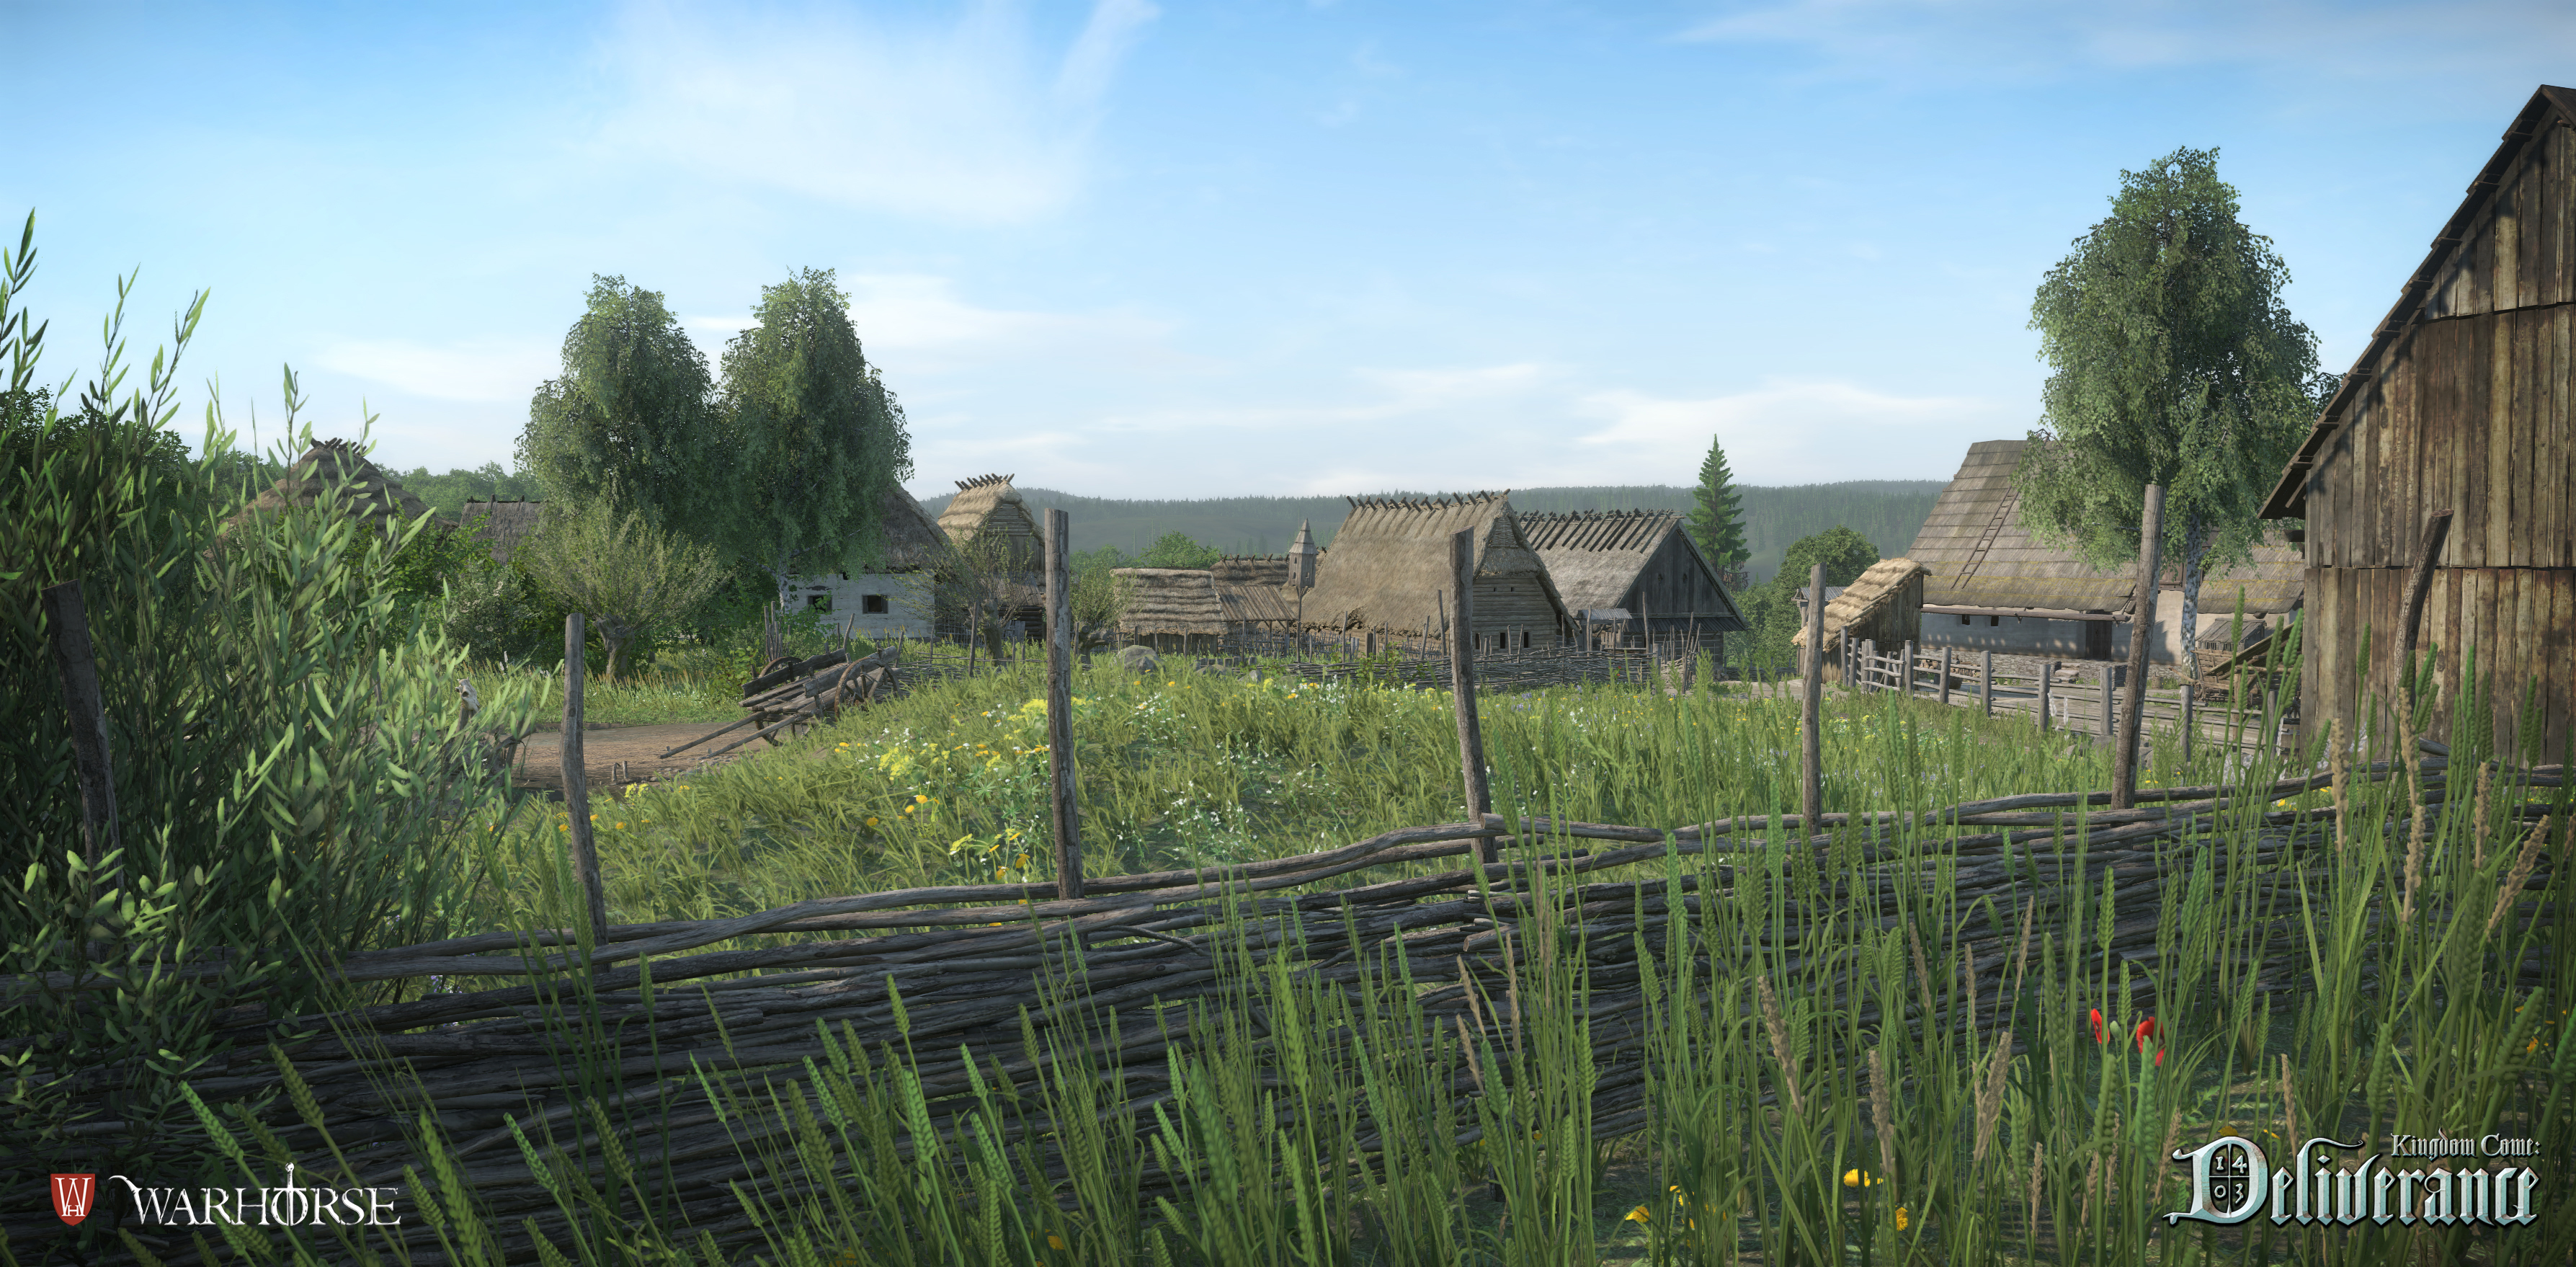 Obrazem: Les, lom a vesnice z Kingdom Come: Deliverance 108652